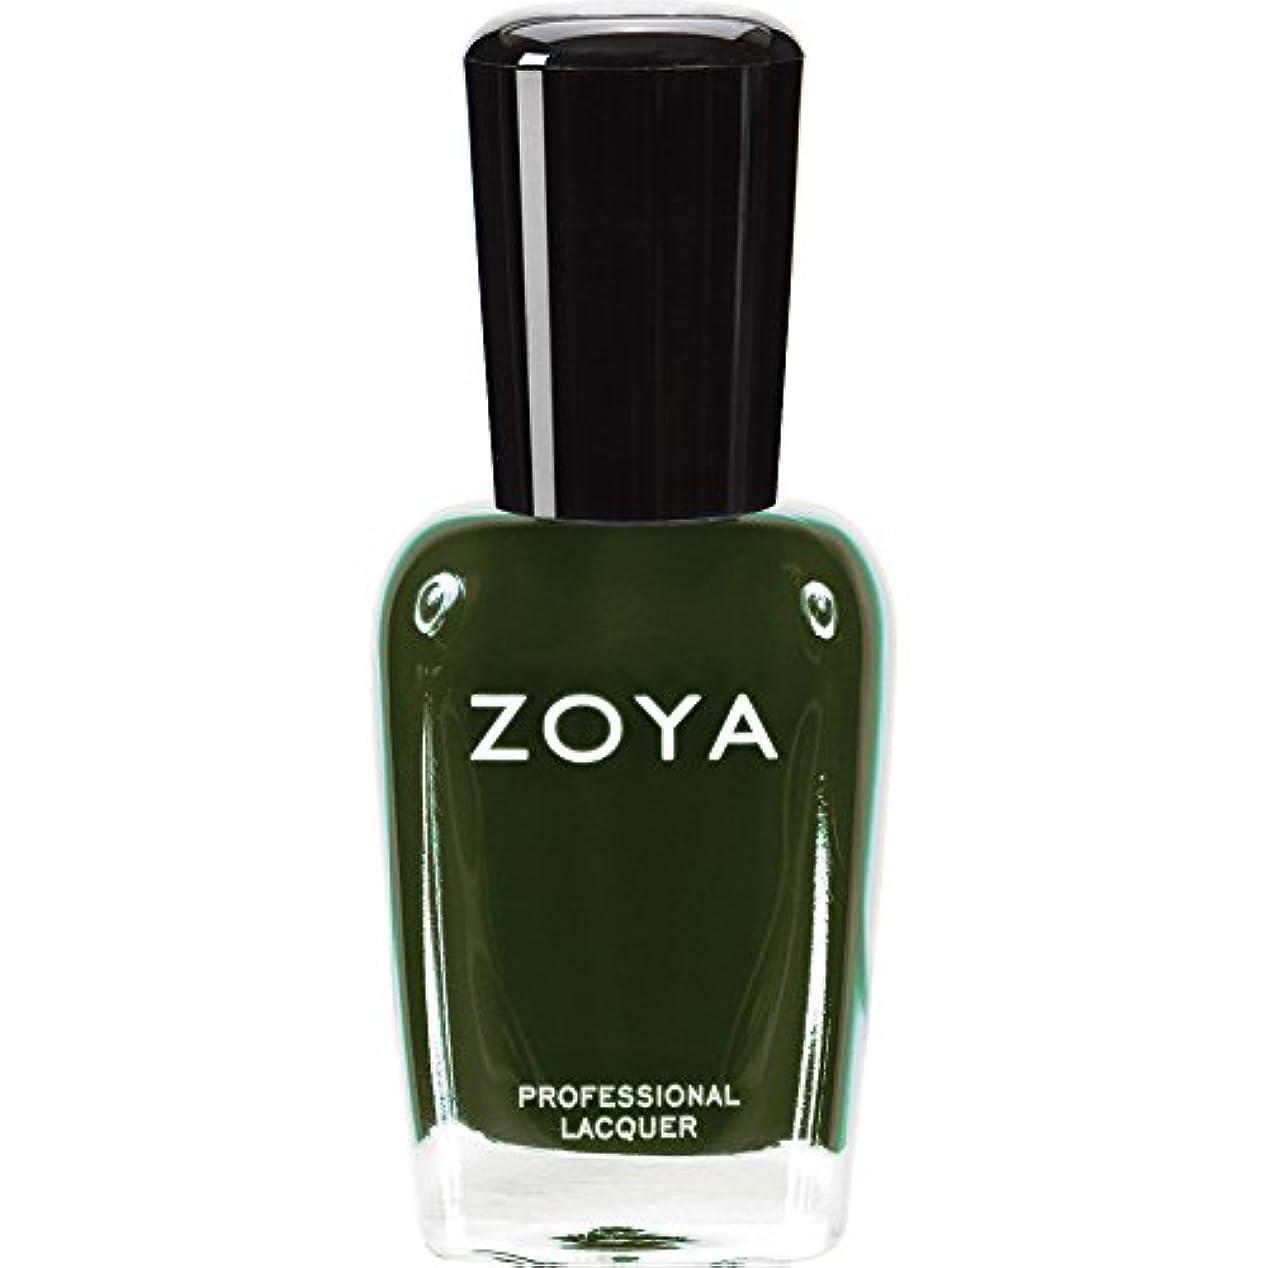 相対的雑種夜ZOYA ゾーヤ ネイルカラーZP490(ENVY) エンヴィー 15ml 深いダークグリーン マット/クリーム 爪にやさしいネイルポリッシュマニキュア